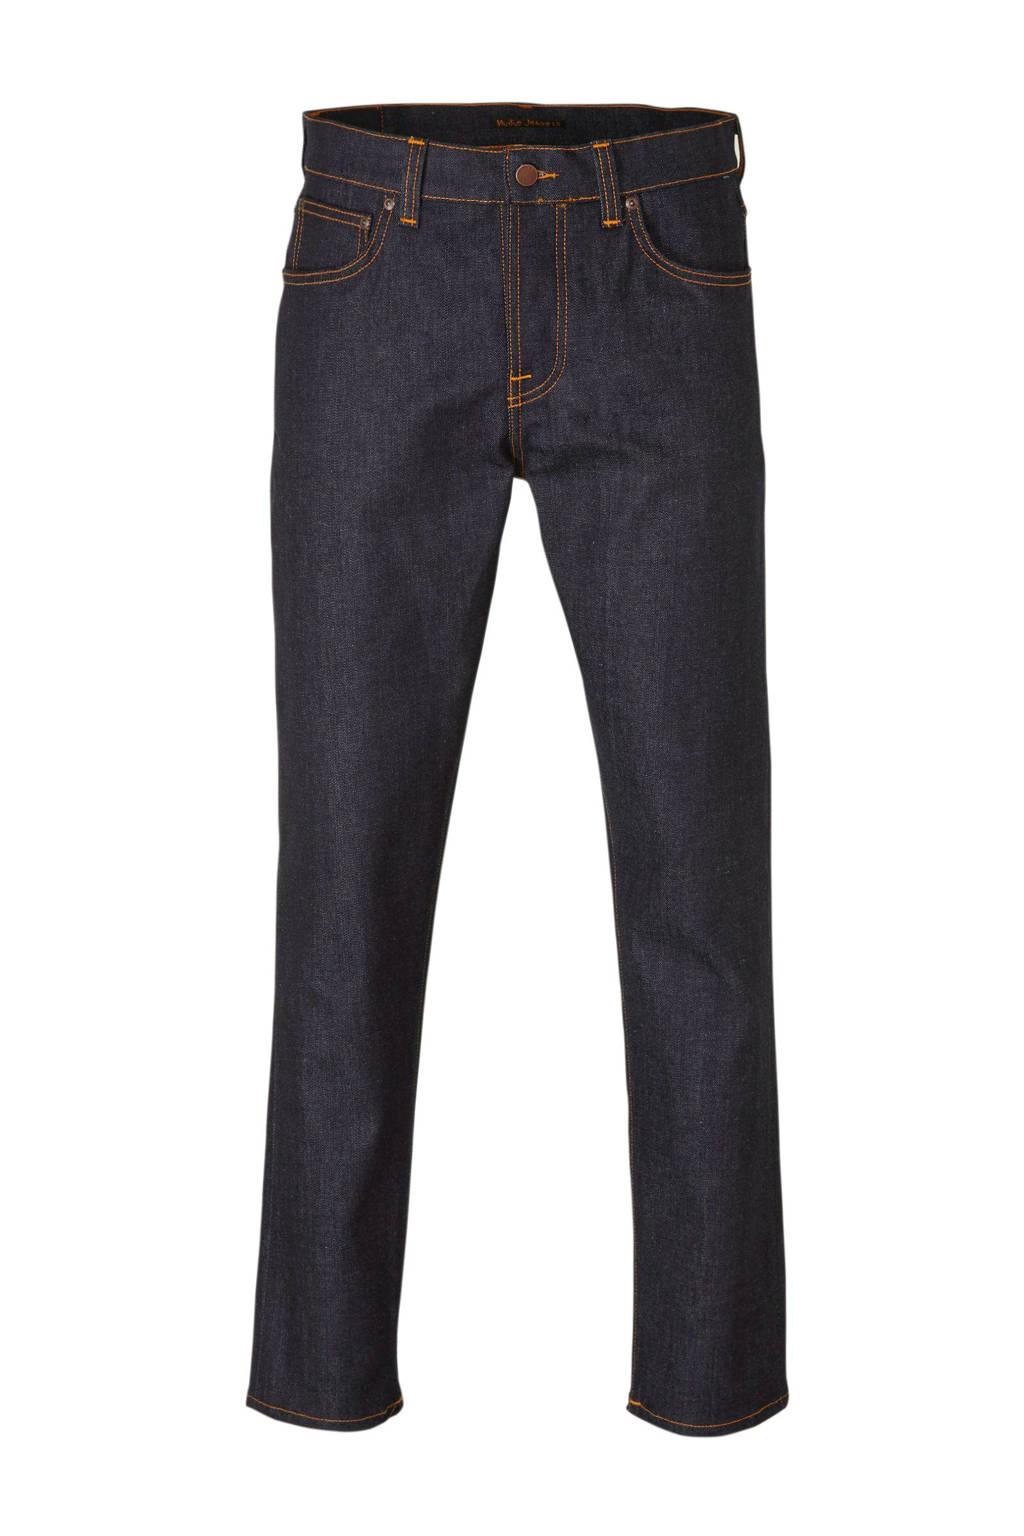 Nudie Jeans regular fit jeans Steady Eddie II dry true, Dry True